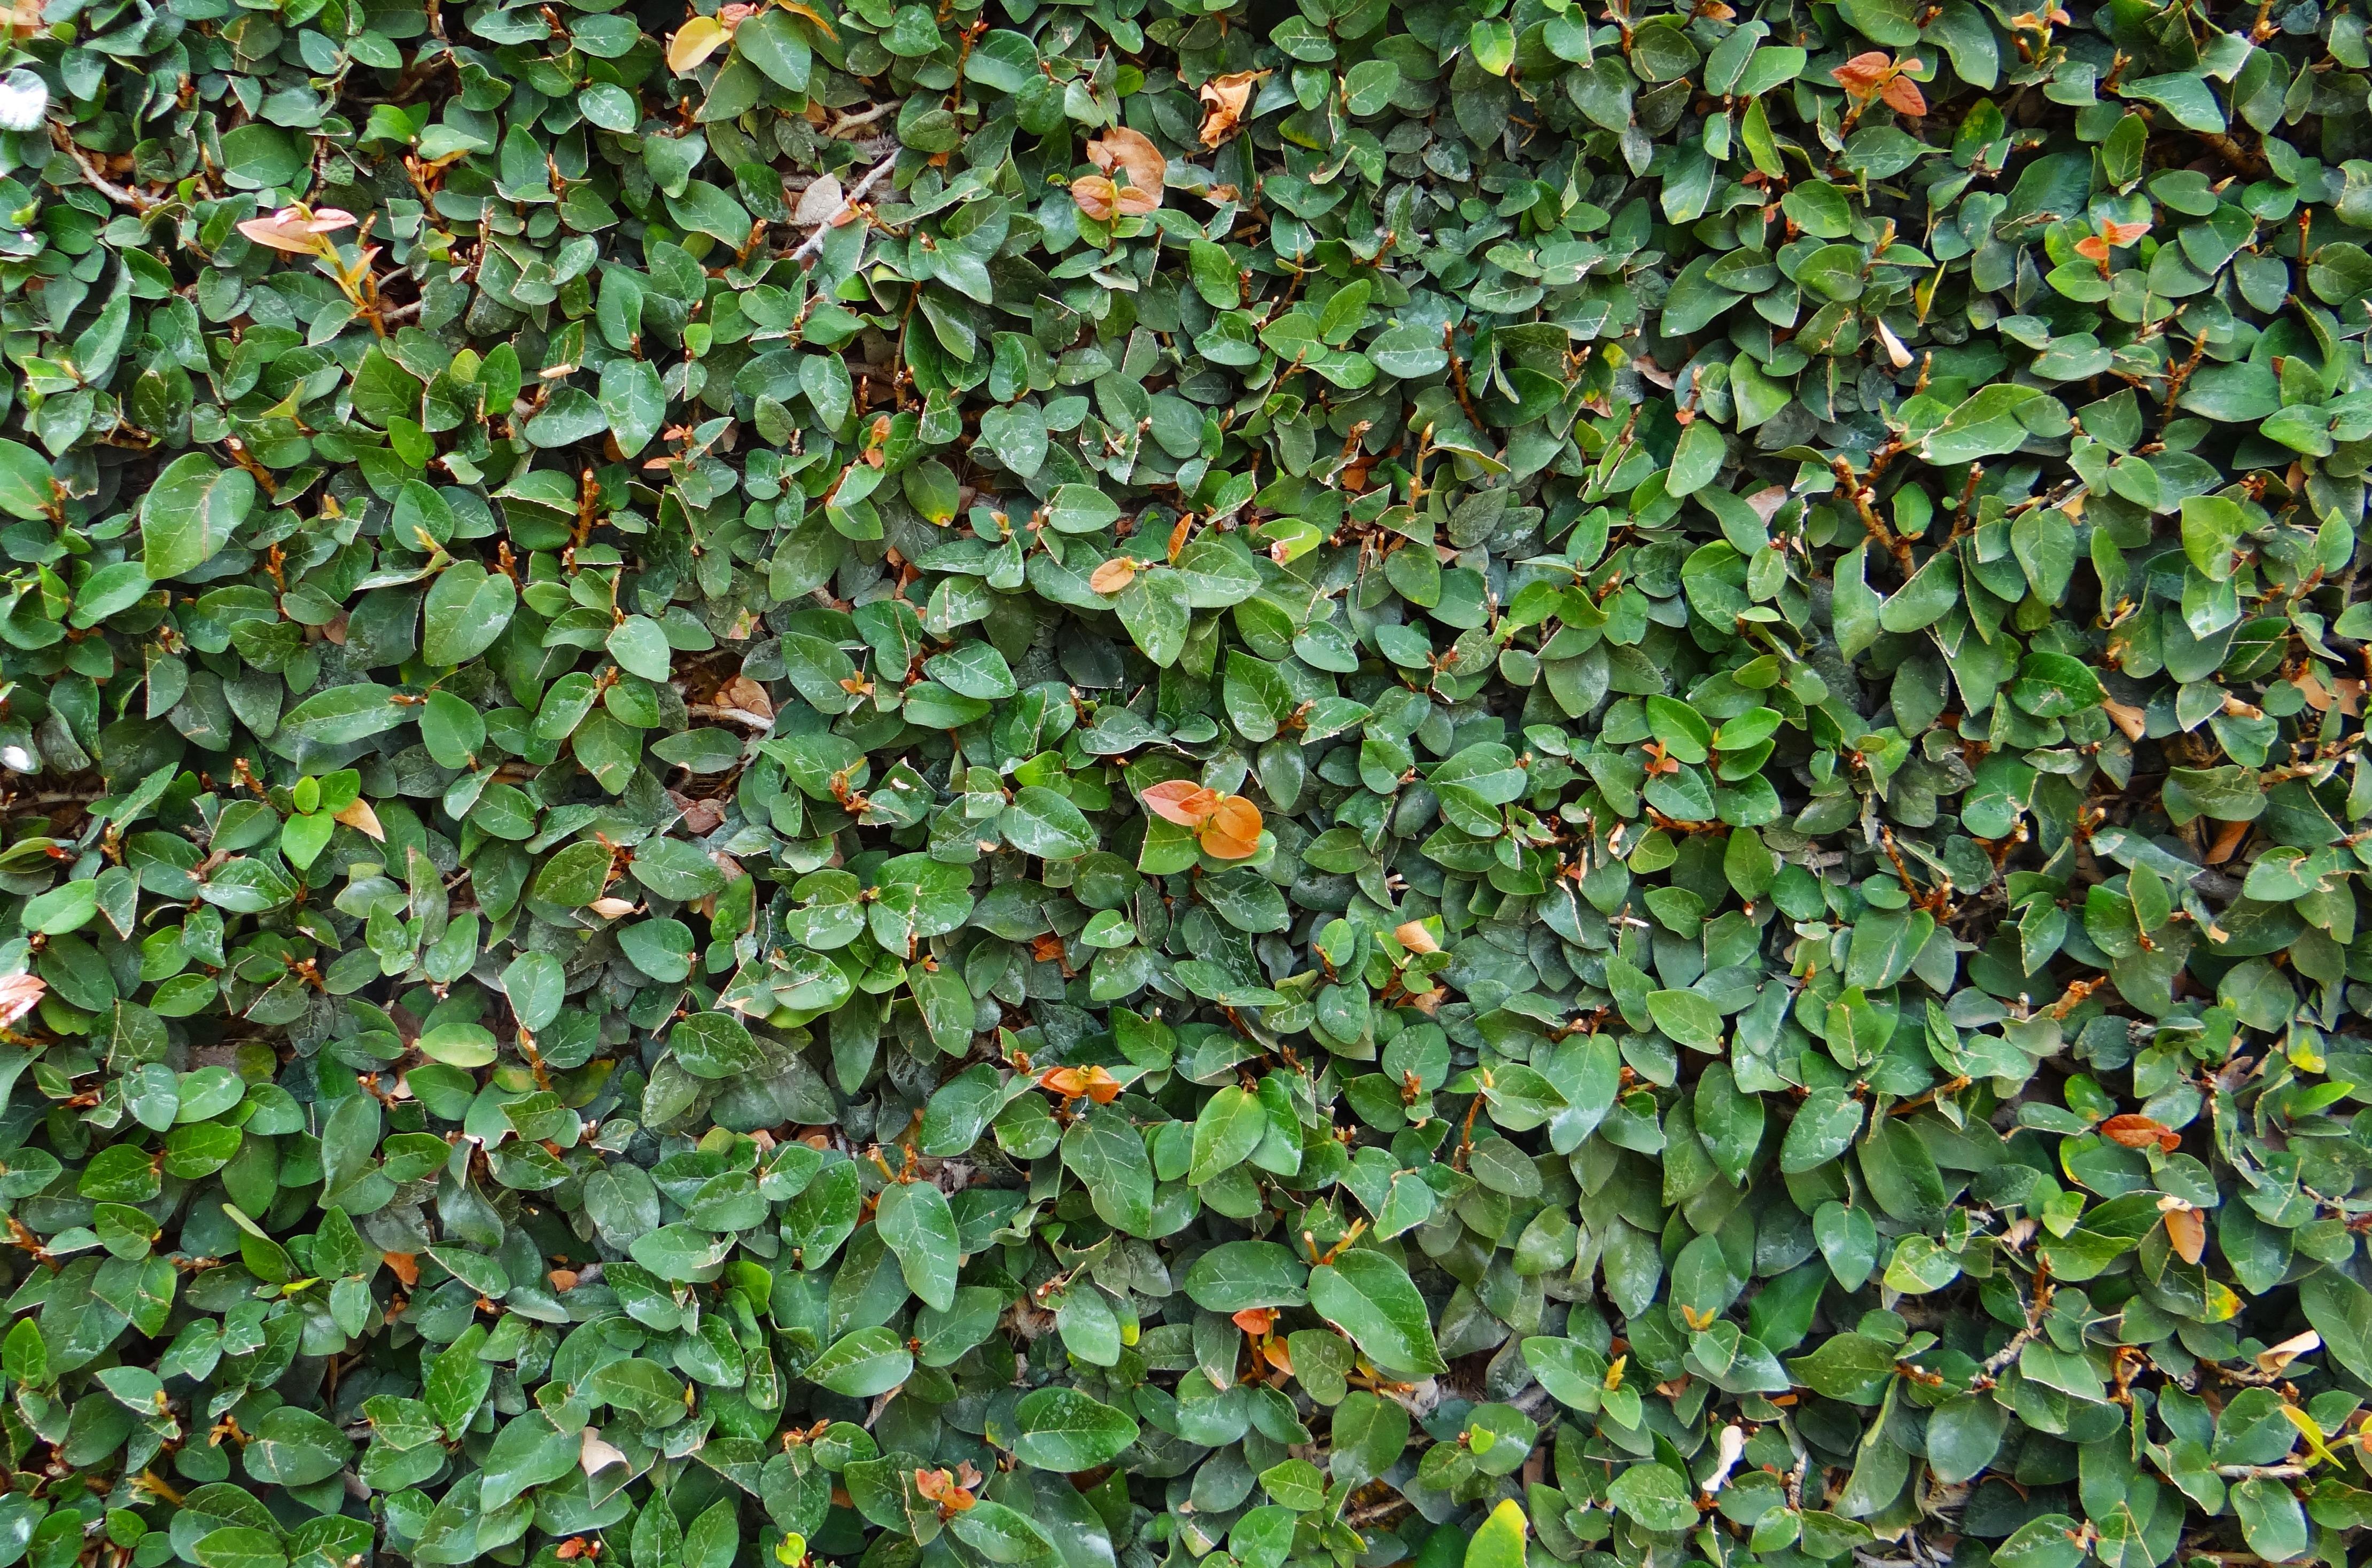 Kostenlose foto Rebe Blatt Blume Laub Grün produzieren